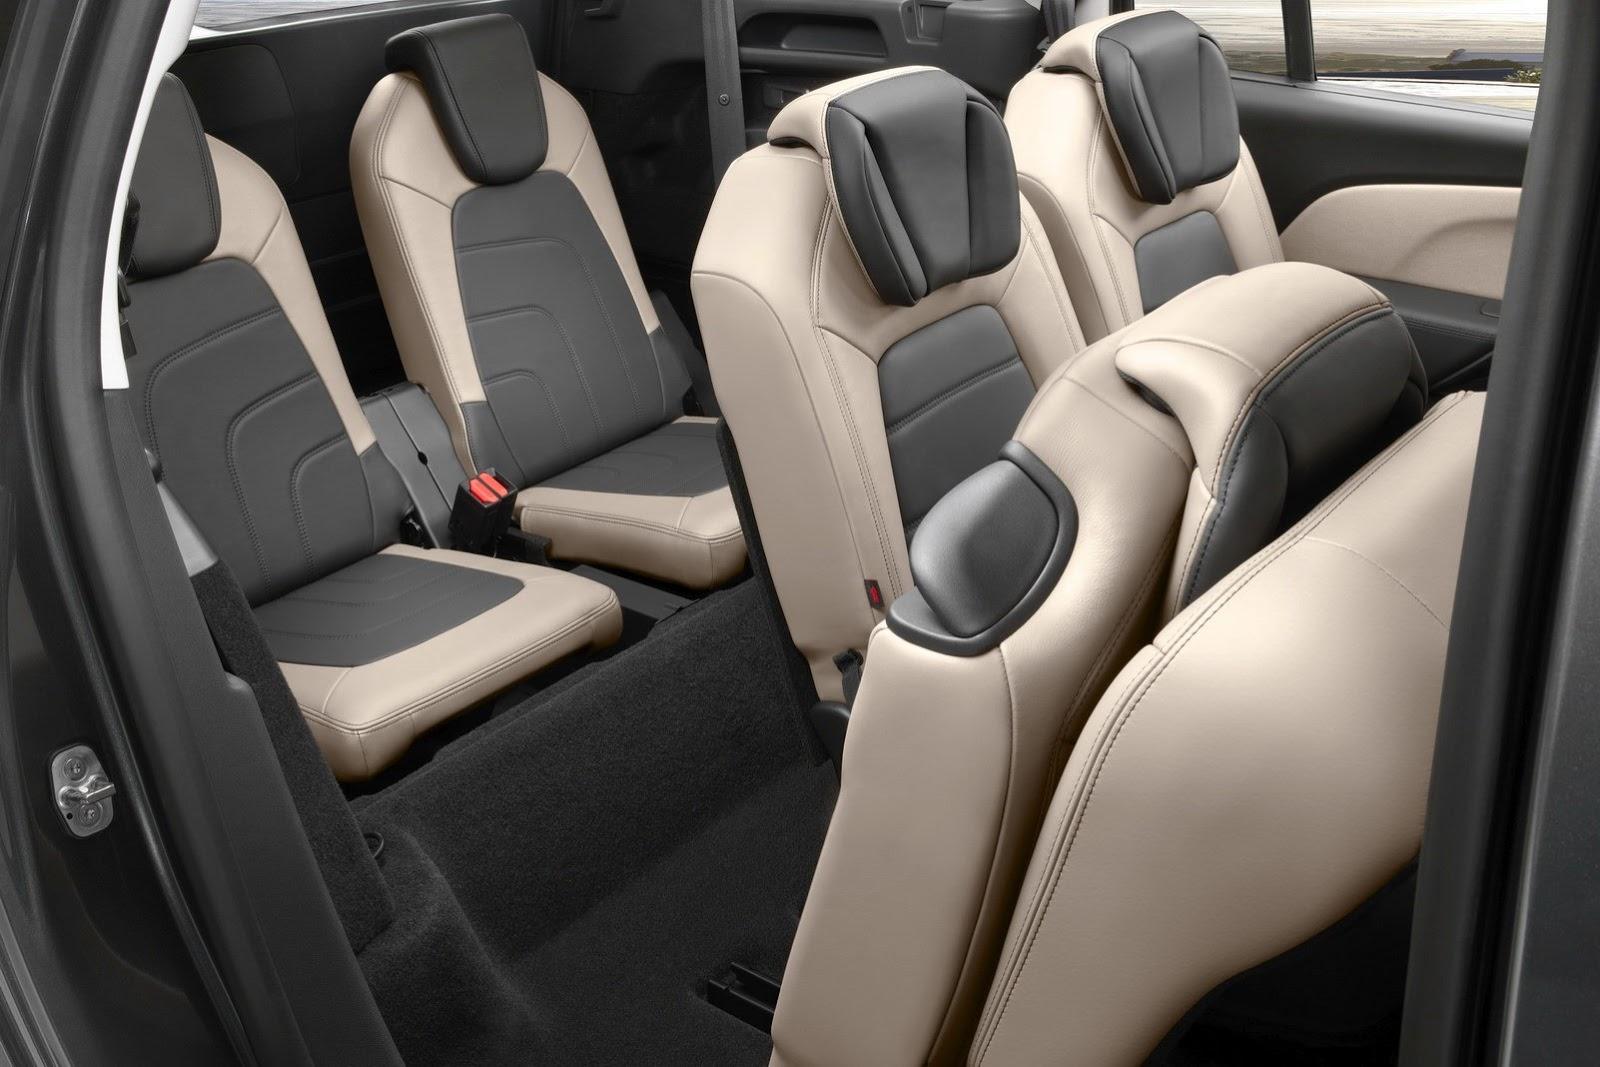 [SUJET OFFICIEL] Citroën Grand C4 Picasso II  - Page 4 Citroen-Grand-C4-Picasso-34%25255B2%25255D